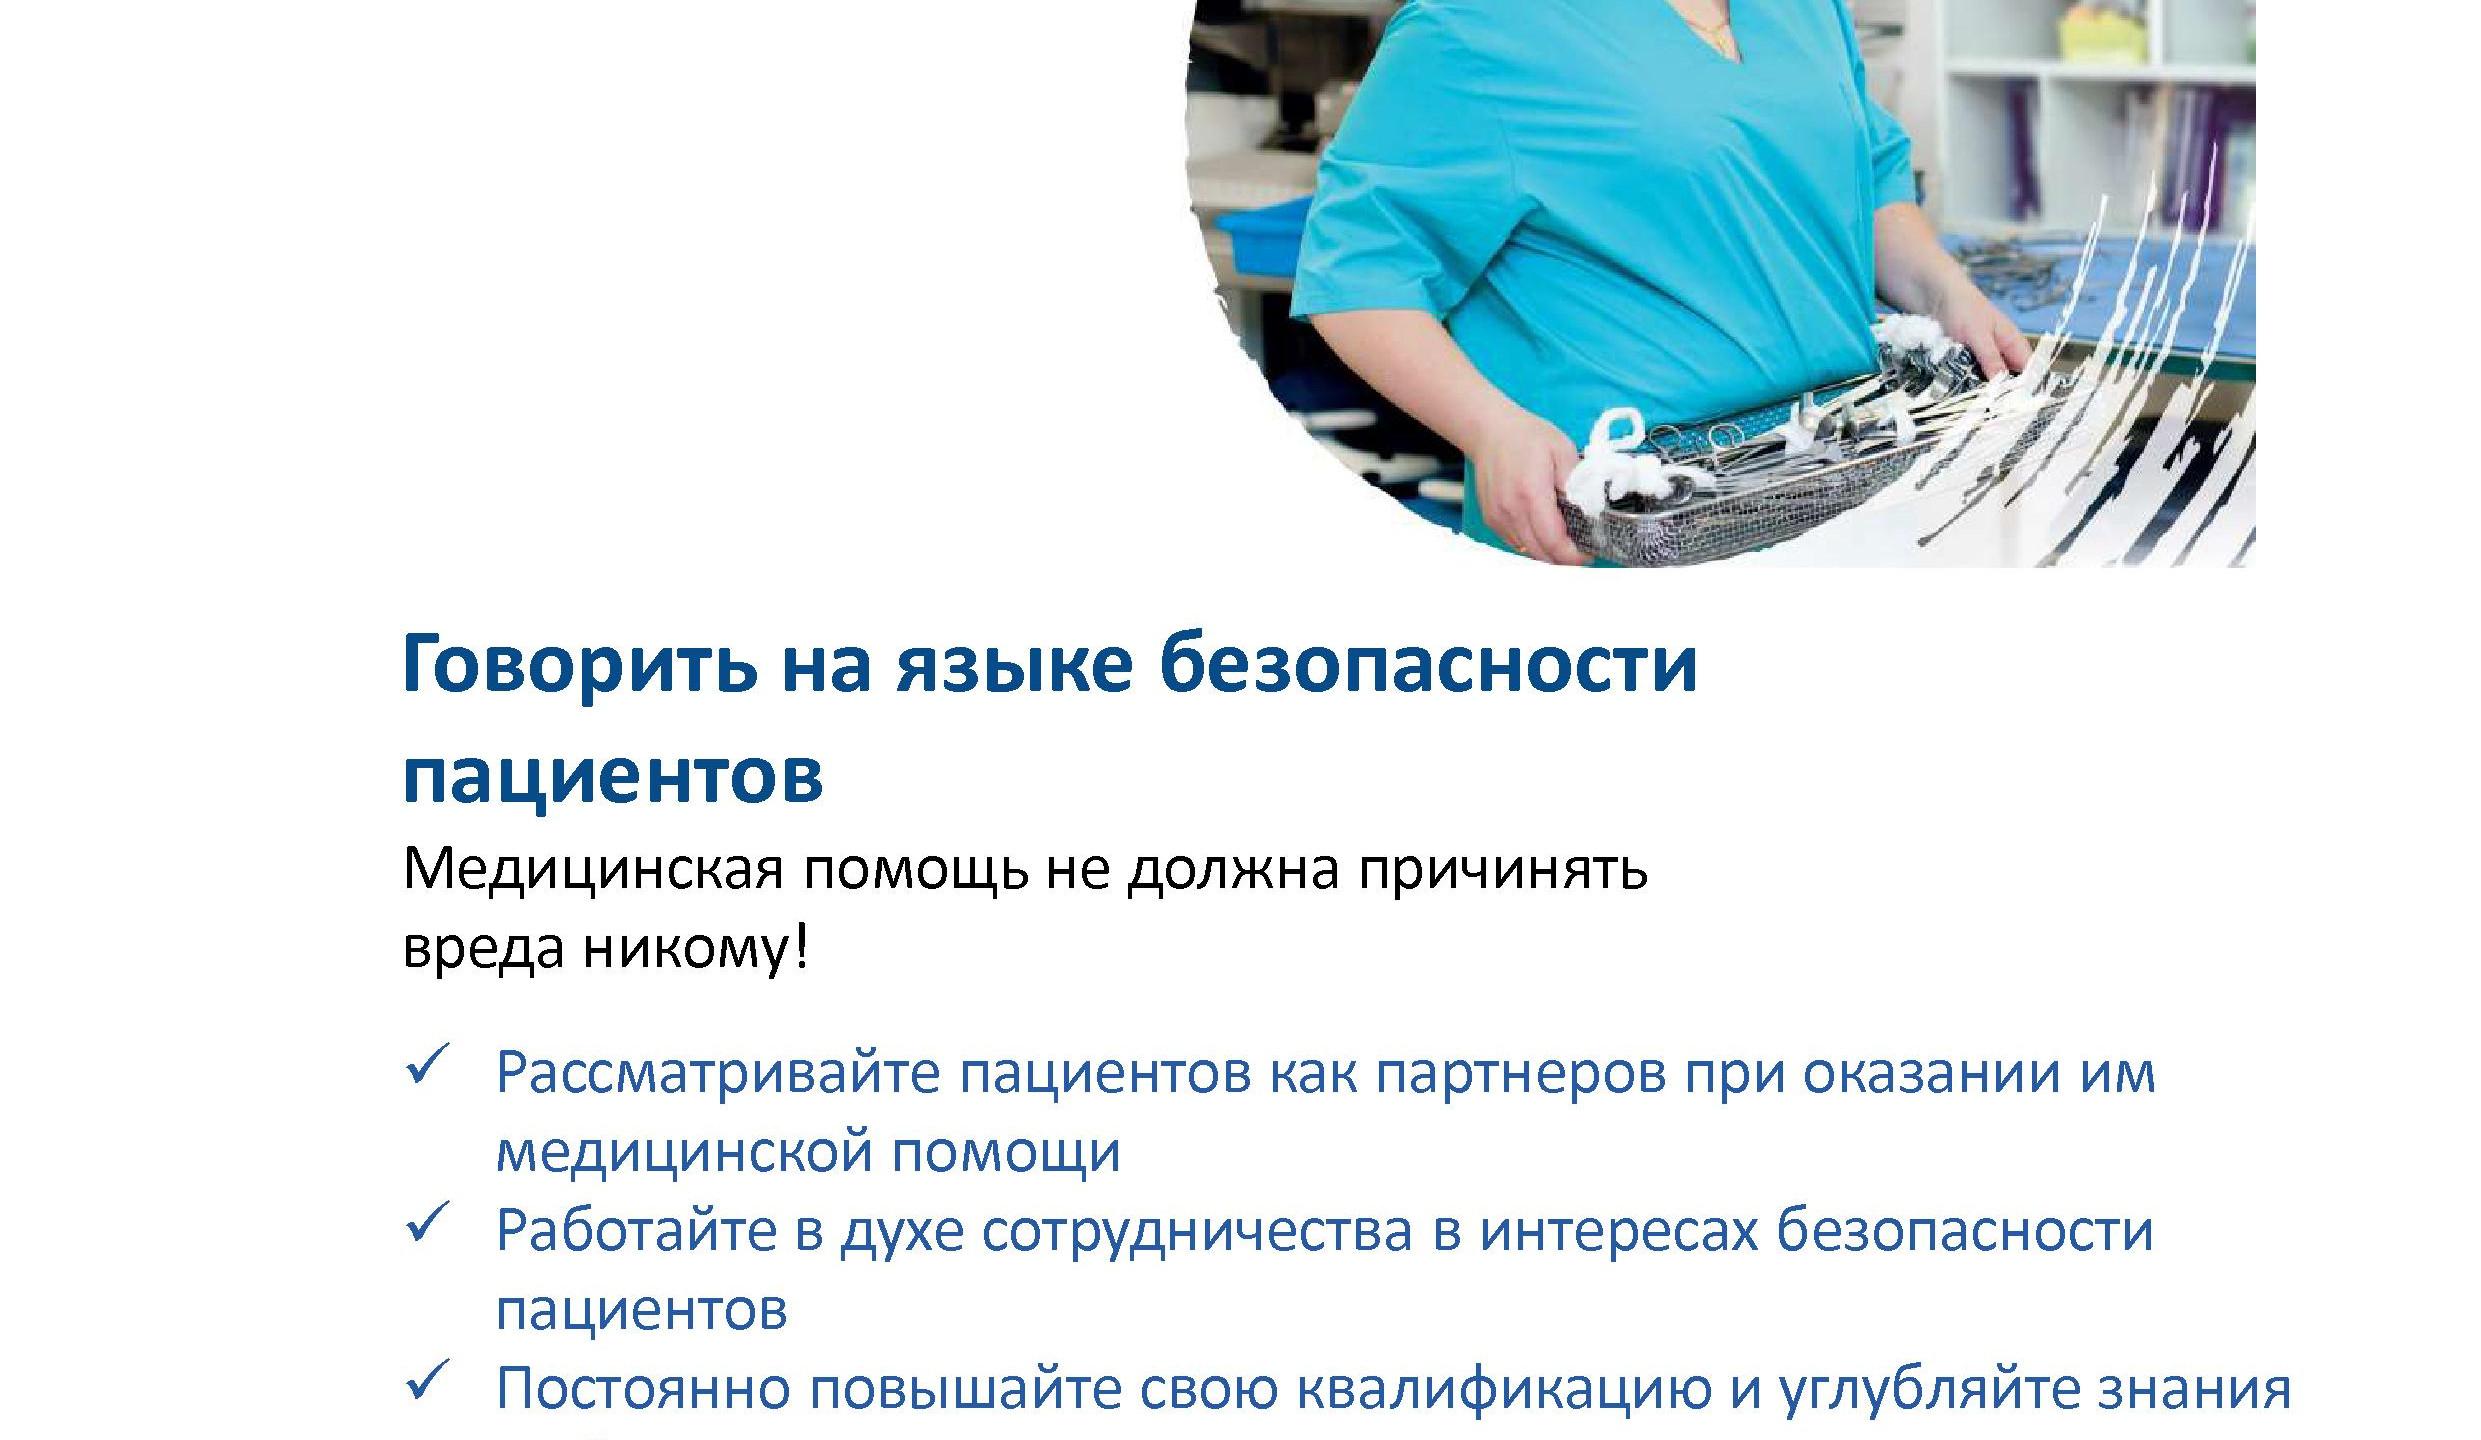 Постер для медицинского персонала